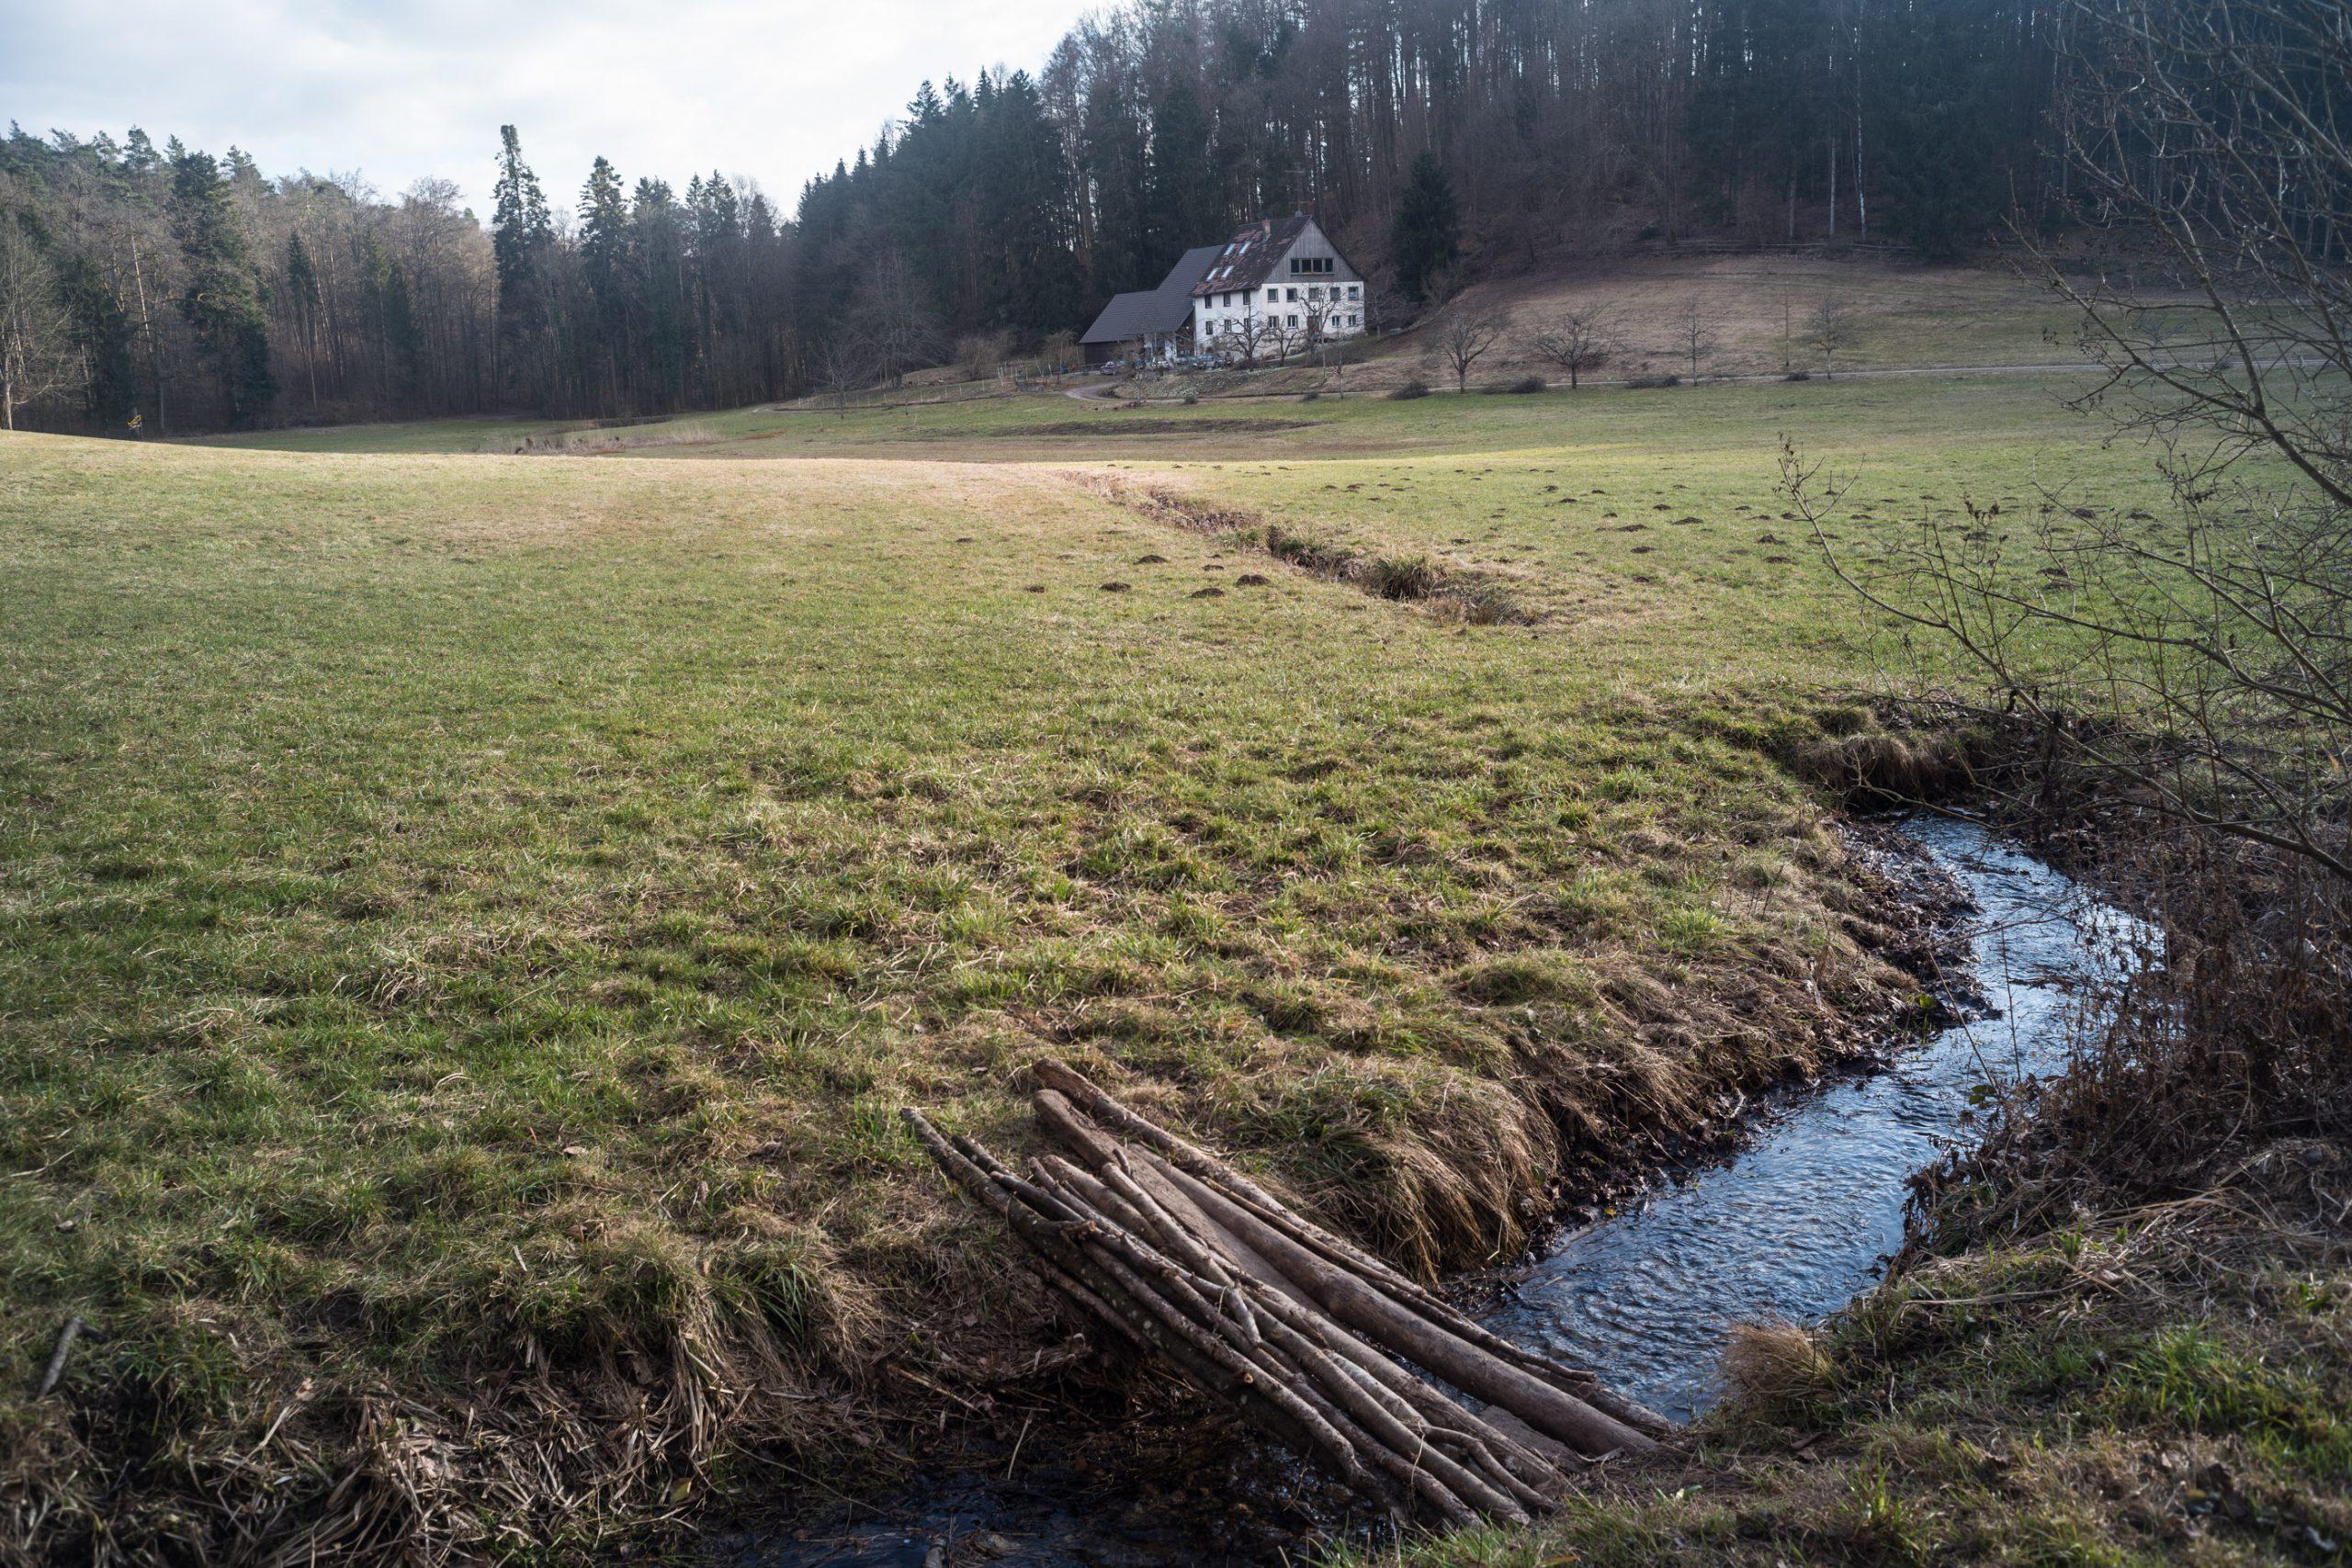 Im Bodensee-Hinterland, der Winter ist gerade so vorbei. Minolta M-Rokkor 28/2.8 an Leica M10, leichte Korrekturen in Lightroom.